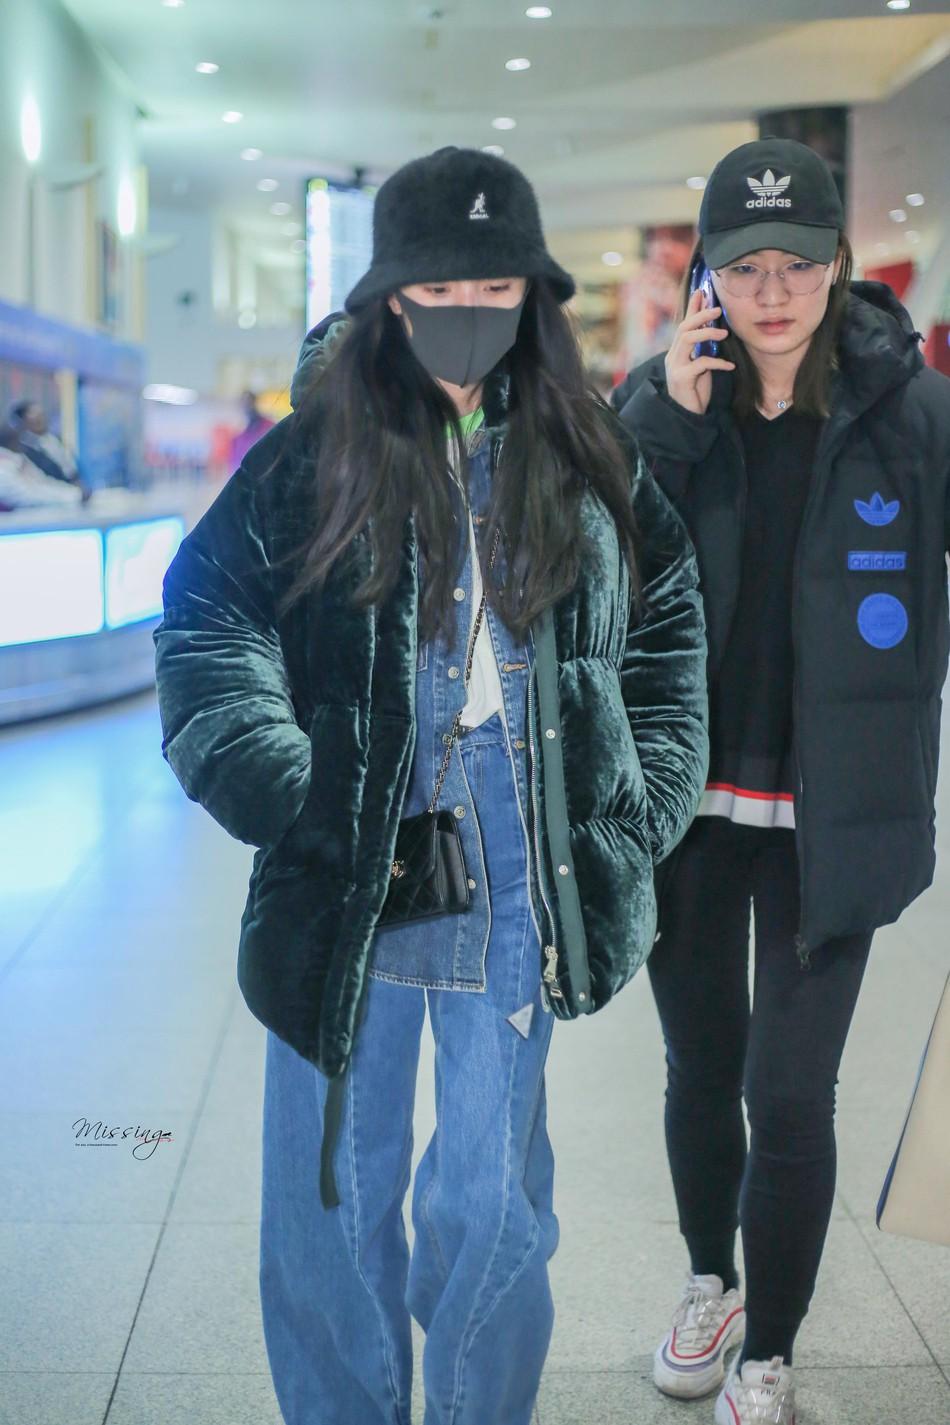 Sau kỳ nghỉ Tết không ở bên con gái, Dương Mịch lặng lẽ để mặt mộc lên đường sang New York dự tuần lễ thời trang - Ảnh 4.